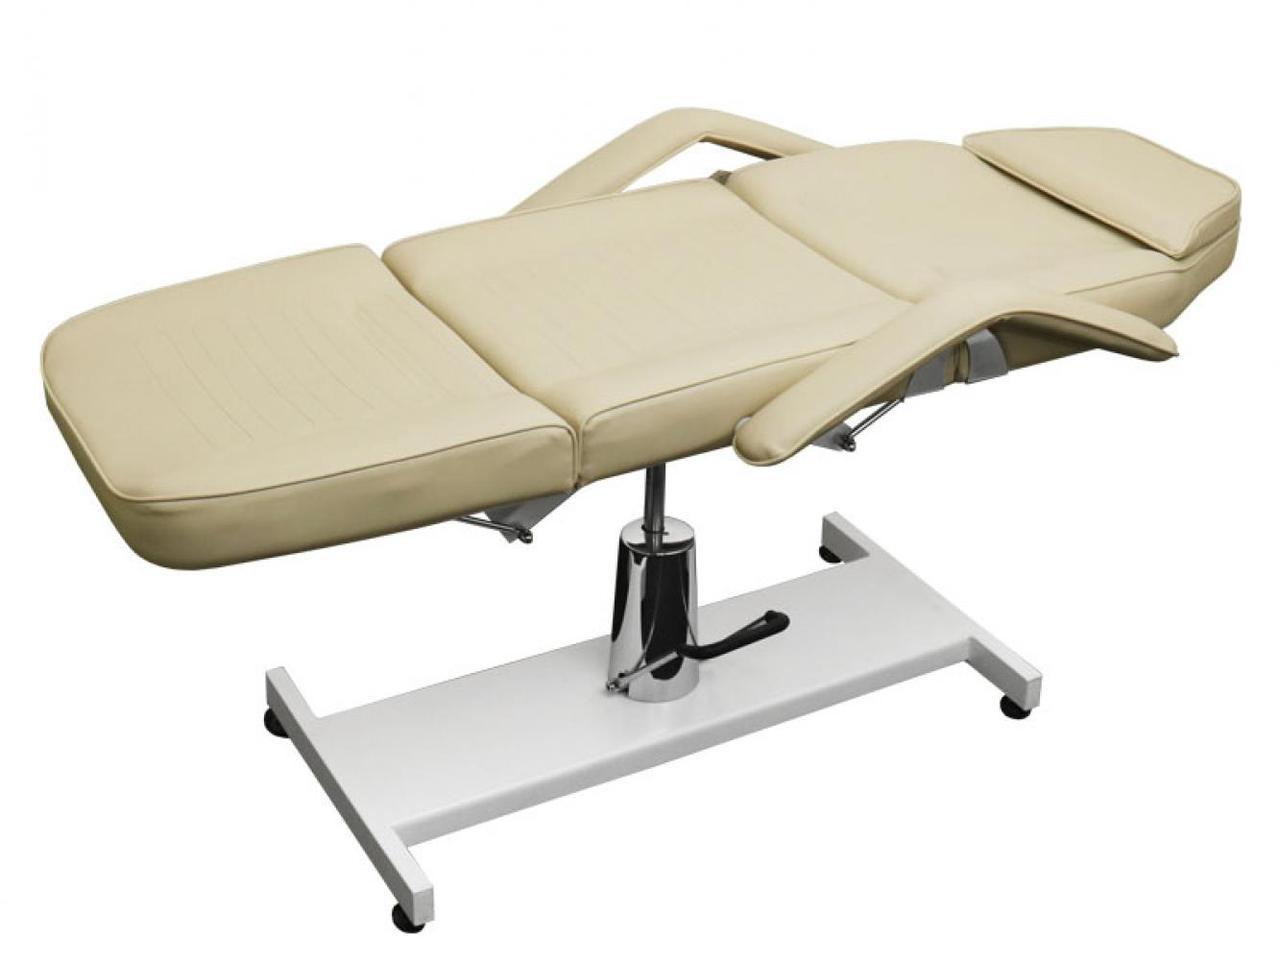 Кресло косметологическое на гидравлике кушетка  стационарная для кабинетов эстетической косметологи BS 210А